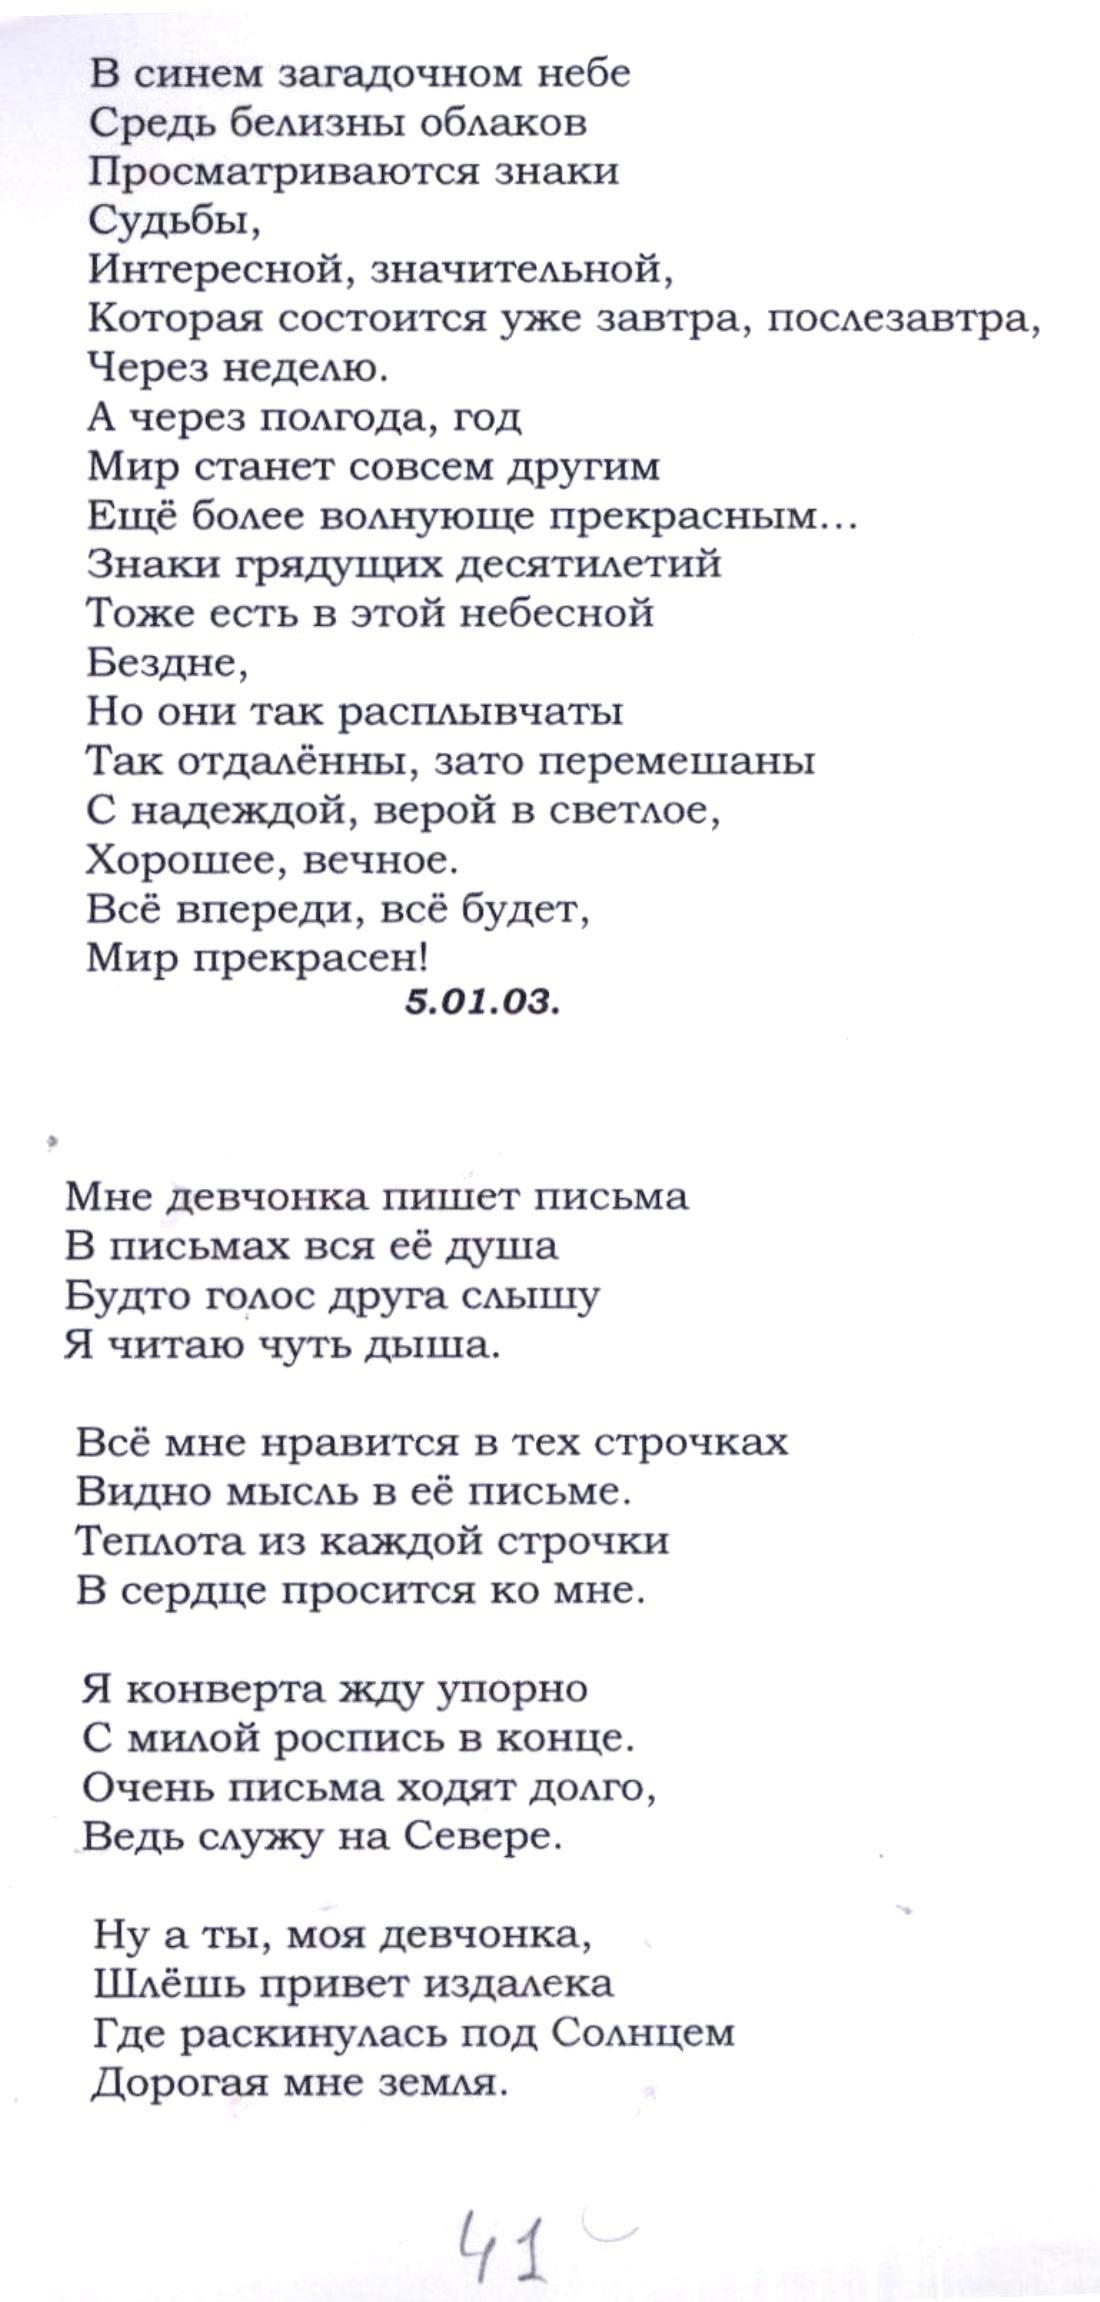 Стихи 040.jpg...В синем загадочном небе...